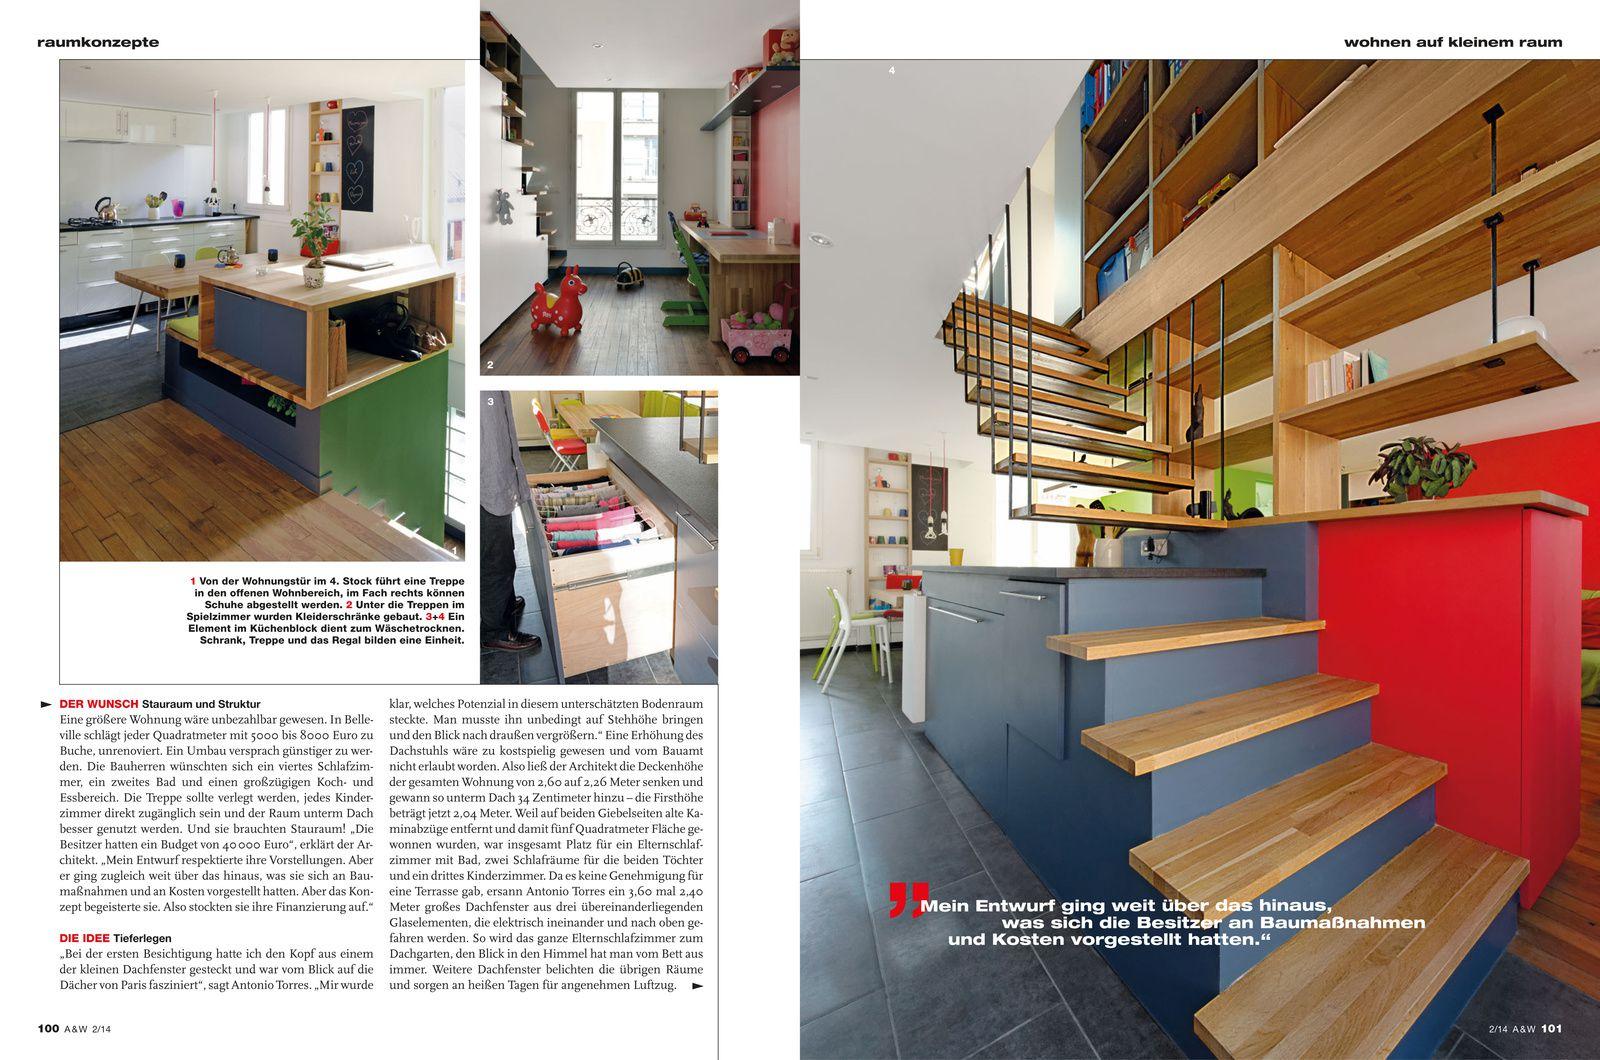 Article publie dans la revue ARCHITEKTUR&WOHNEN du 11 mars 2014